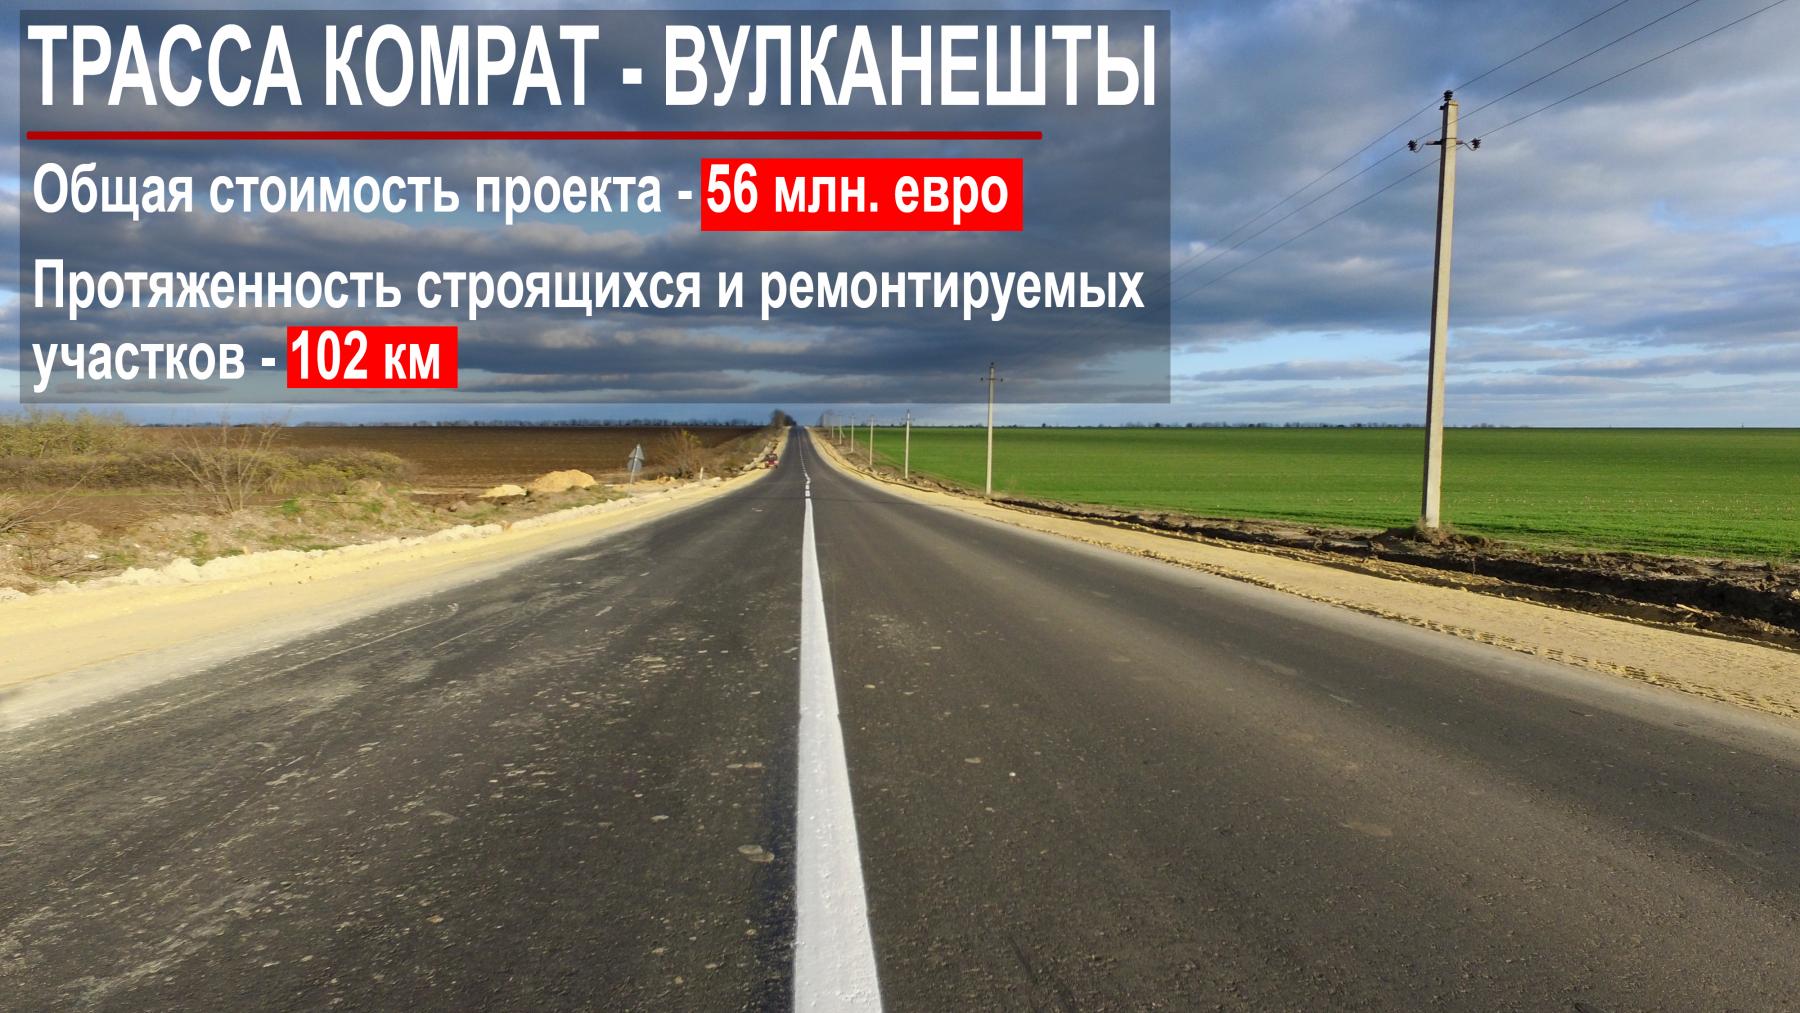 Трасса Комрат - Вулканешты